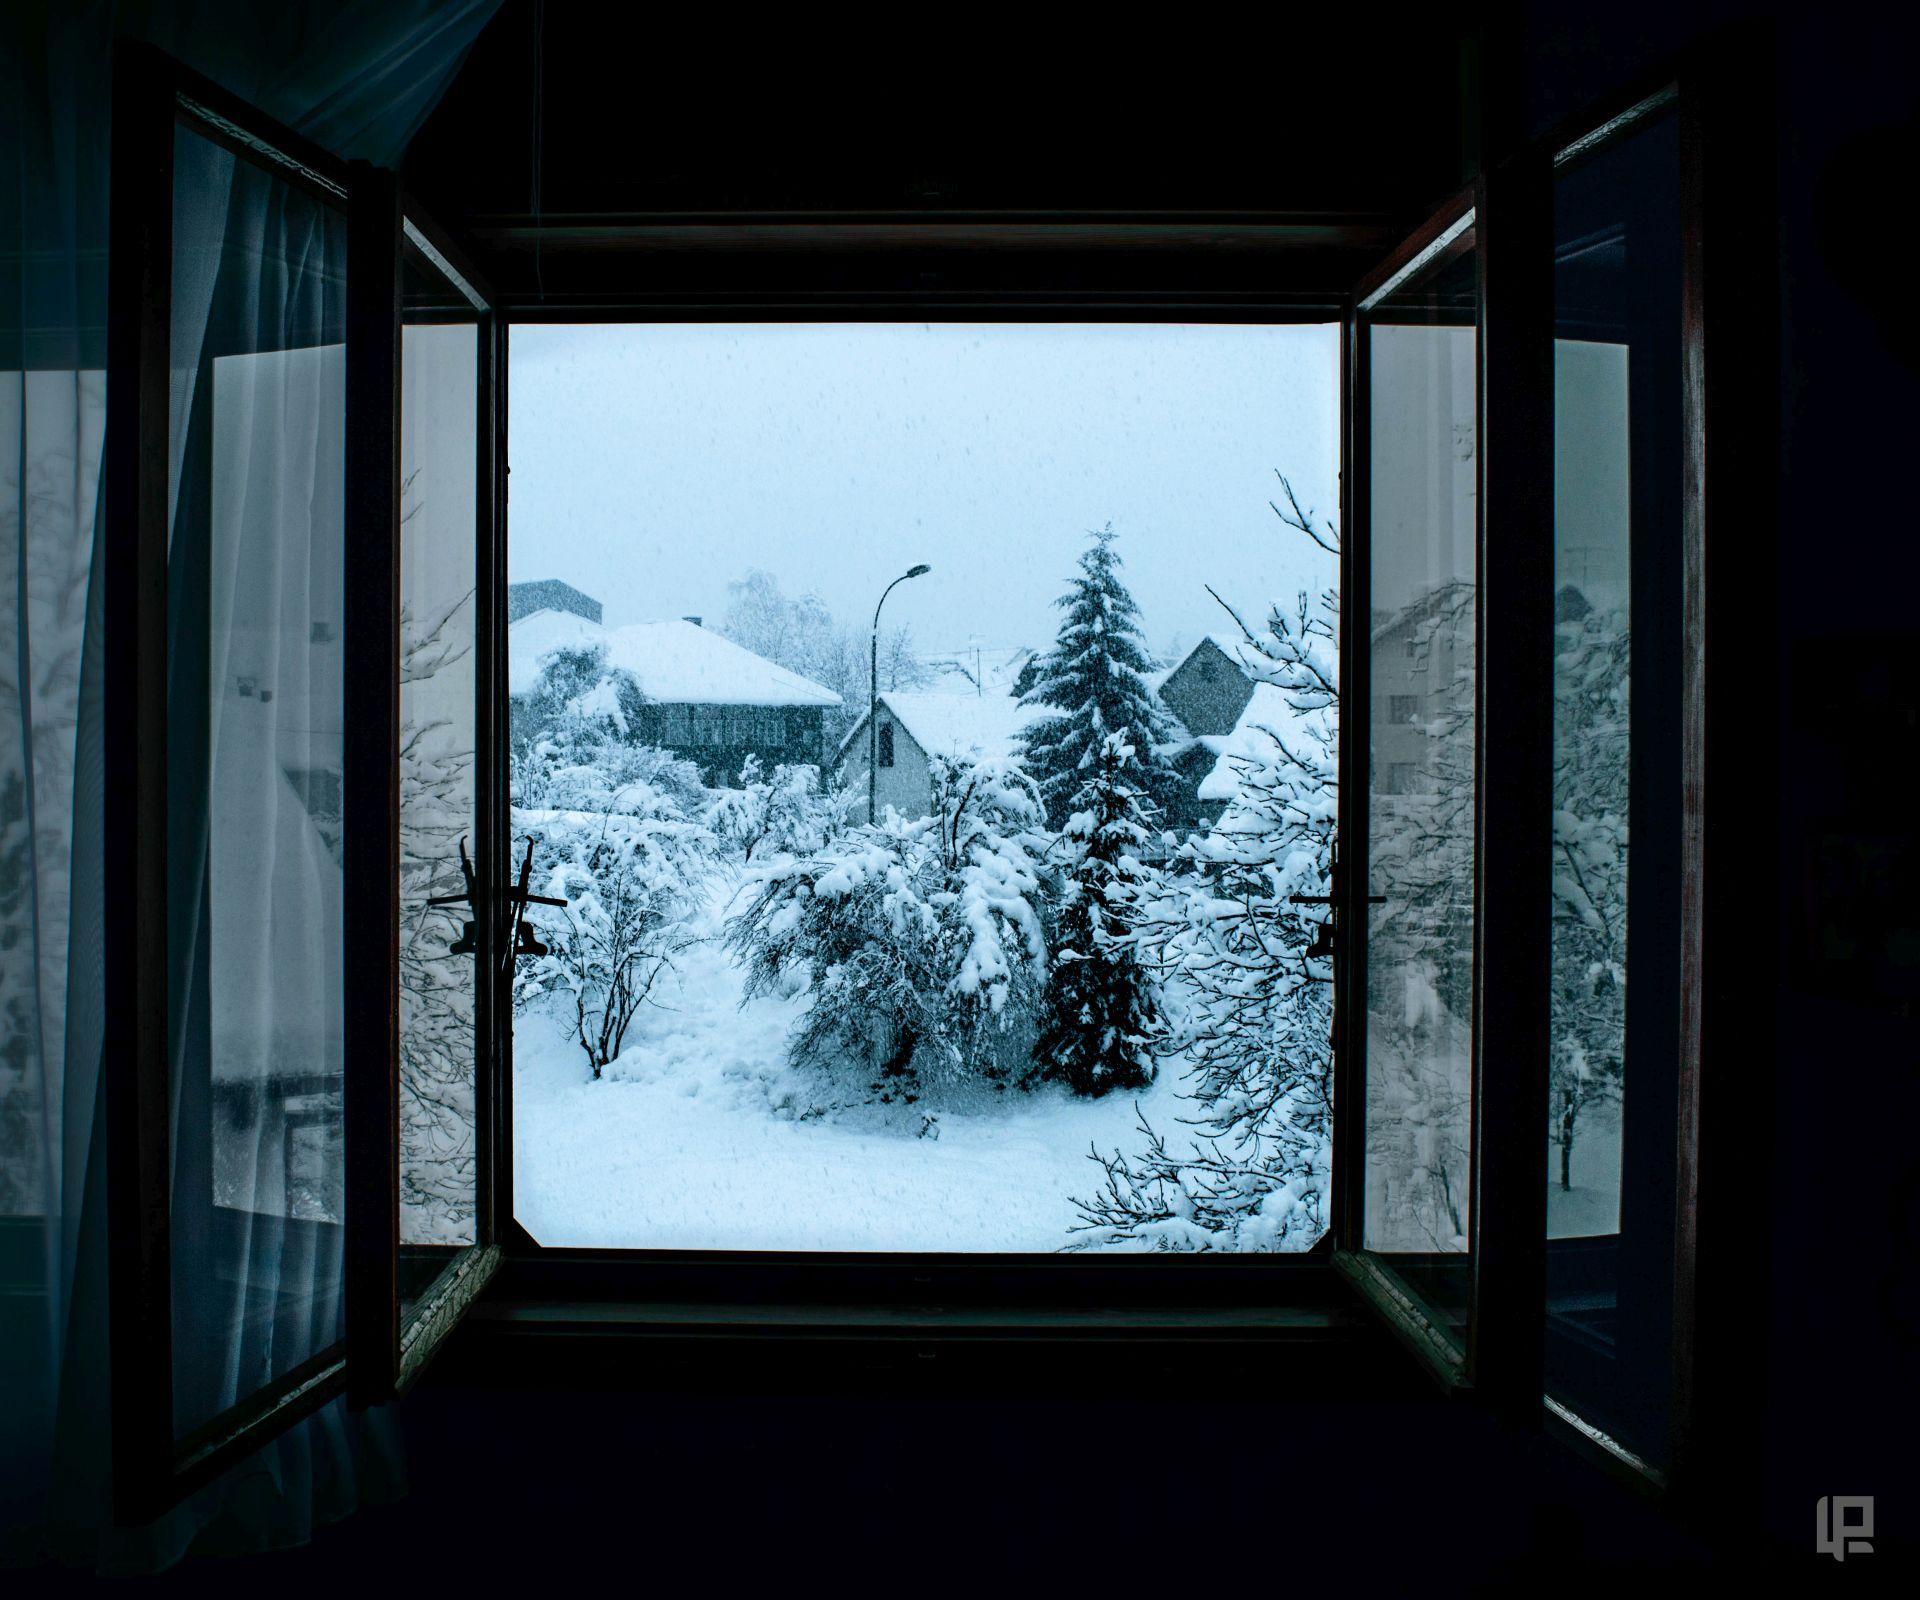 Lorena pogled kroz prozor v